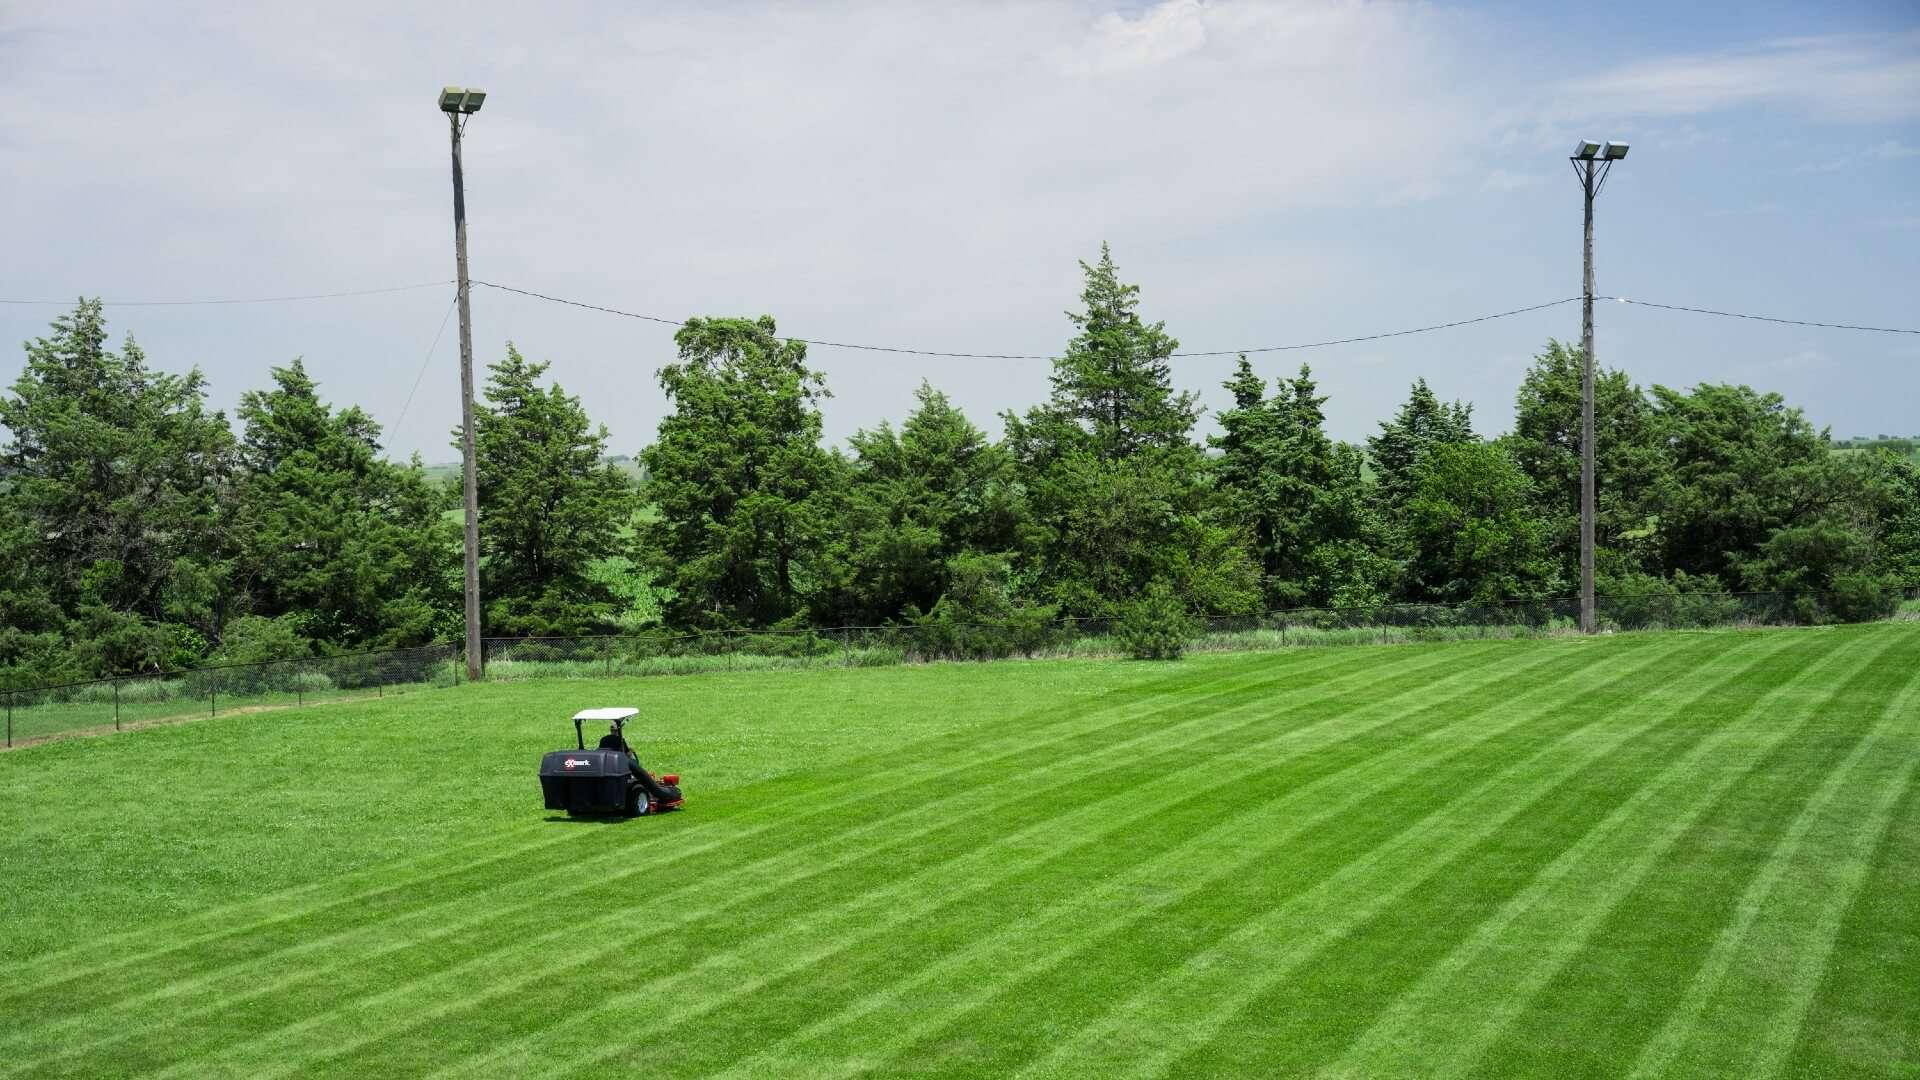 An Exmark mower striping a lawn